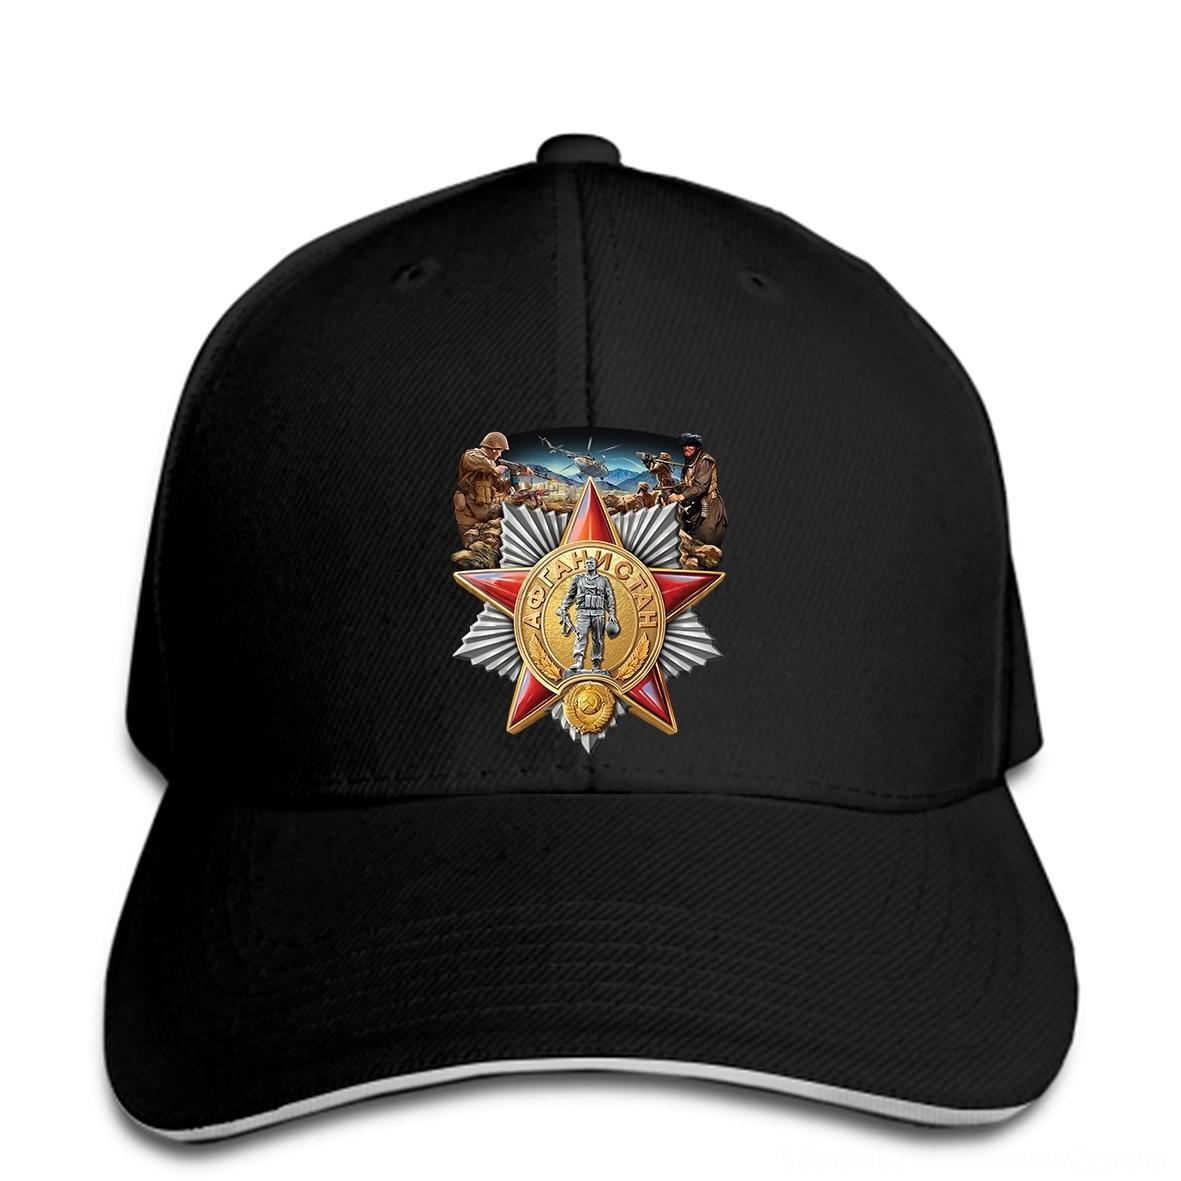 Berretto da baseball nero SUPER Nuovo La guerra in AfghanistanSpecial forcesthe Black Tulip Snapback Hats Caps cappelli, sciarpe guanti cappello toccato un massimo